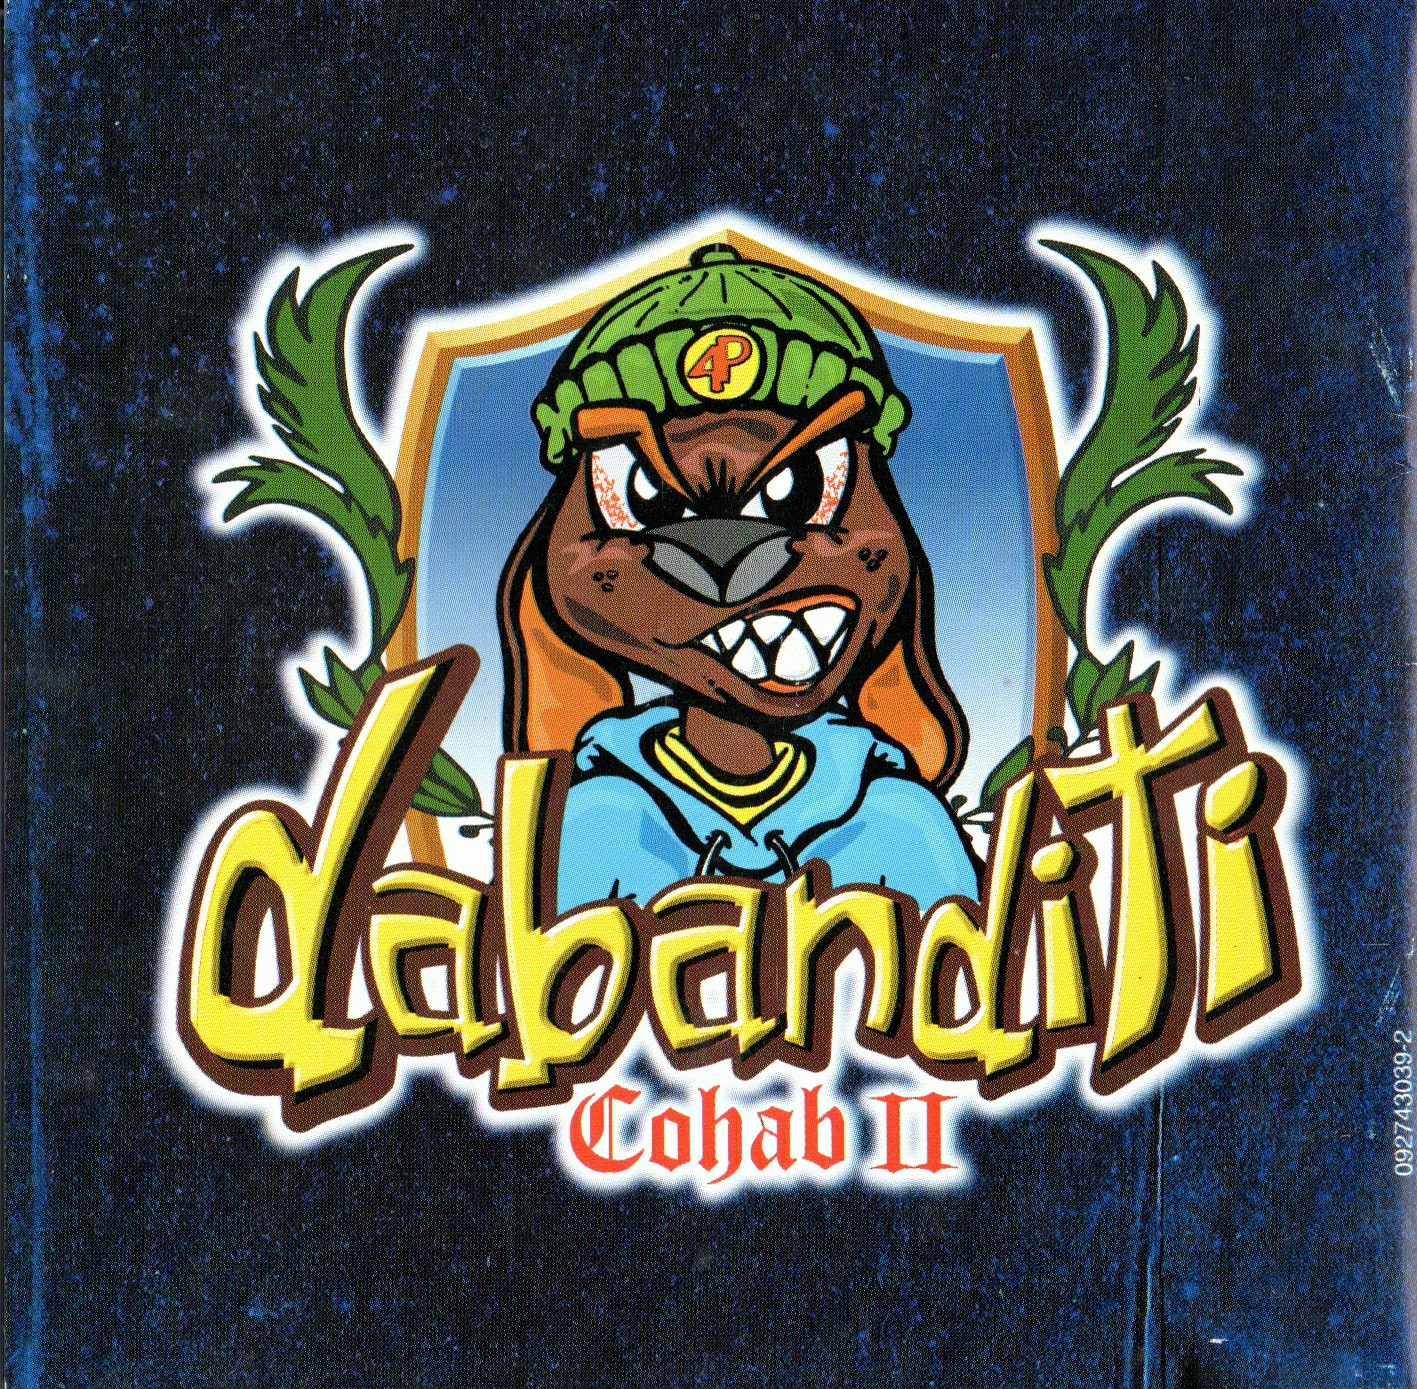 DABANDITI COHAB II